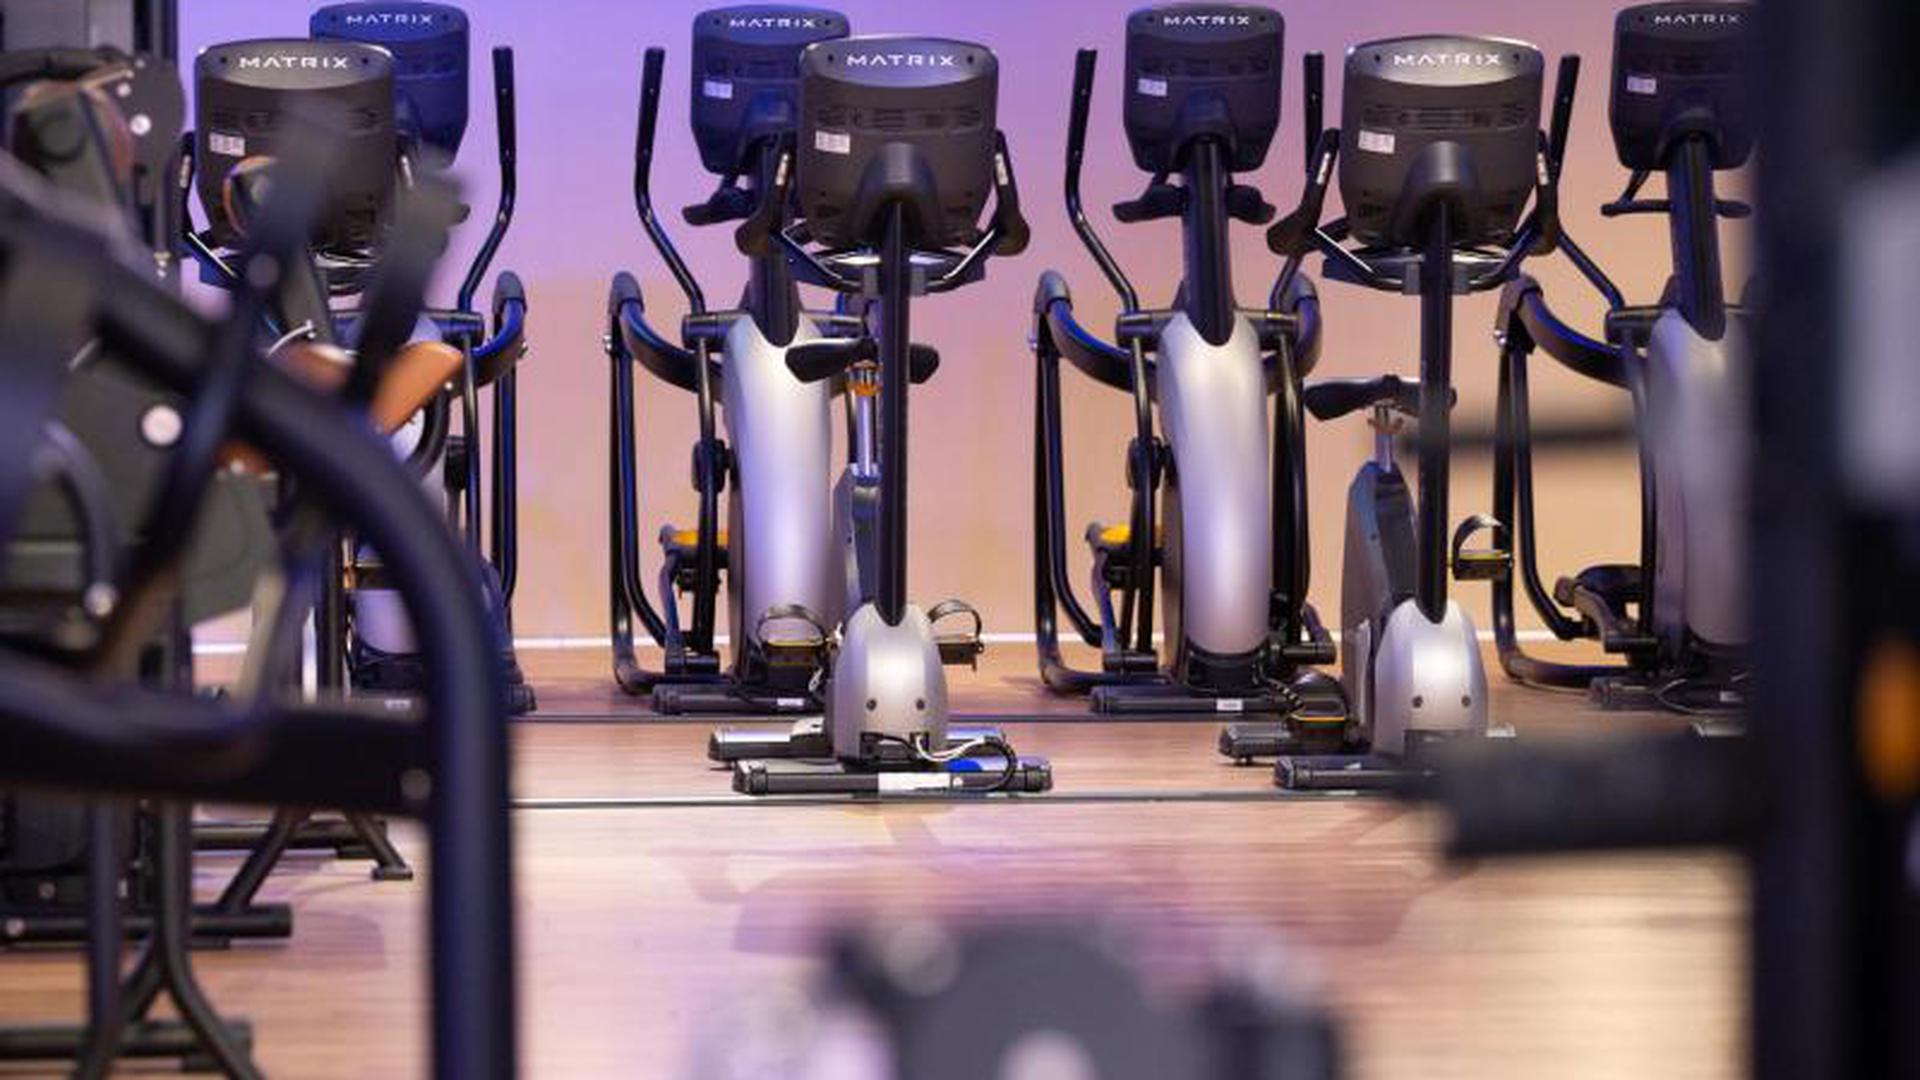 Fitnessstudios Wollen Nach Corona Schliessung Schnell Wieder Offnen